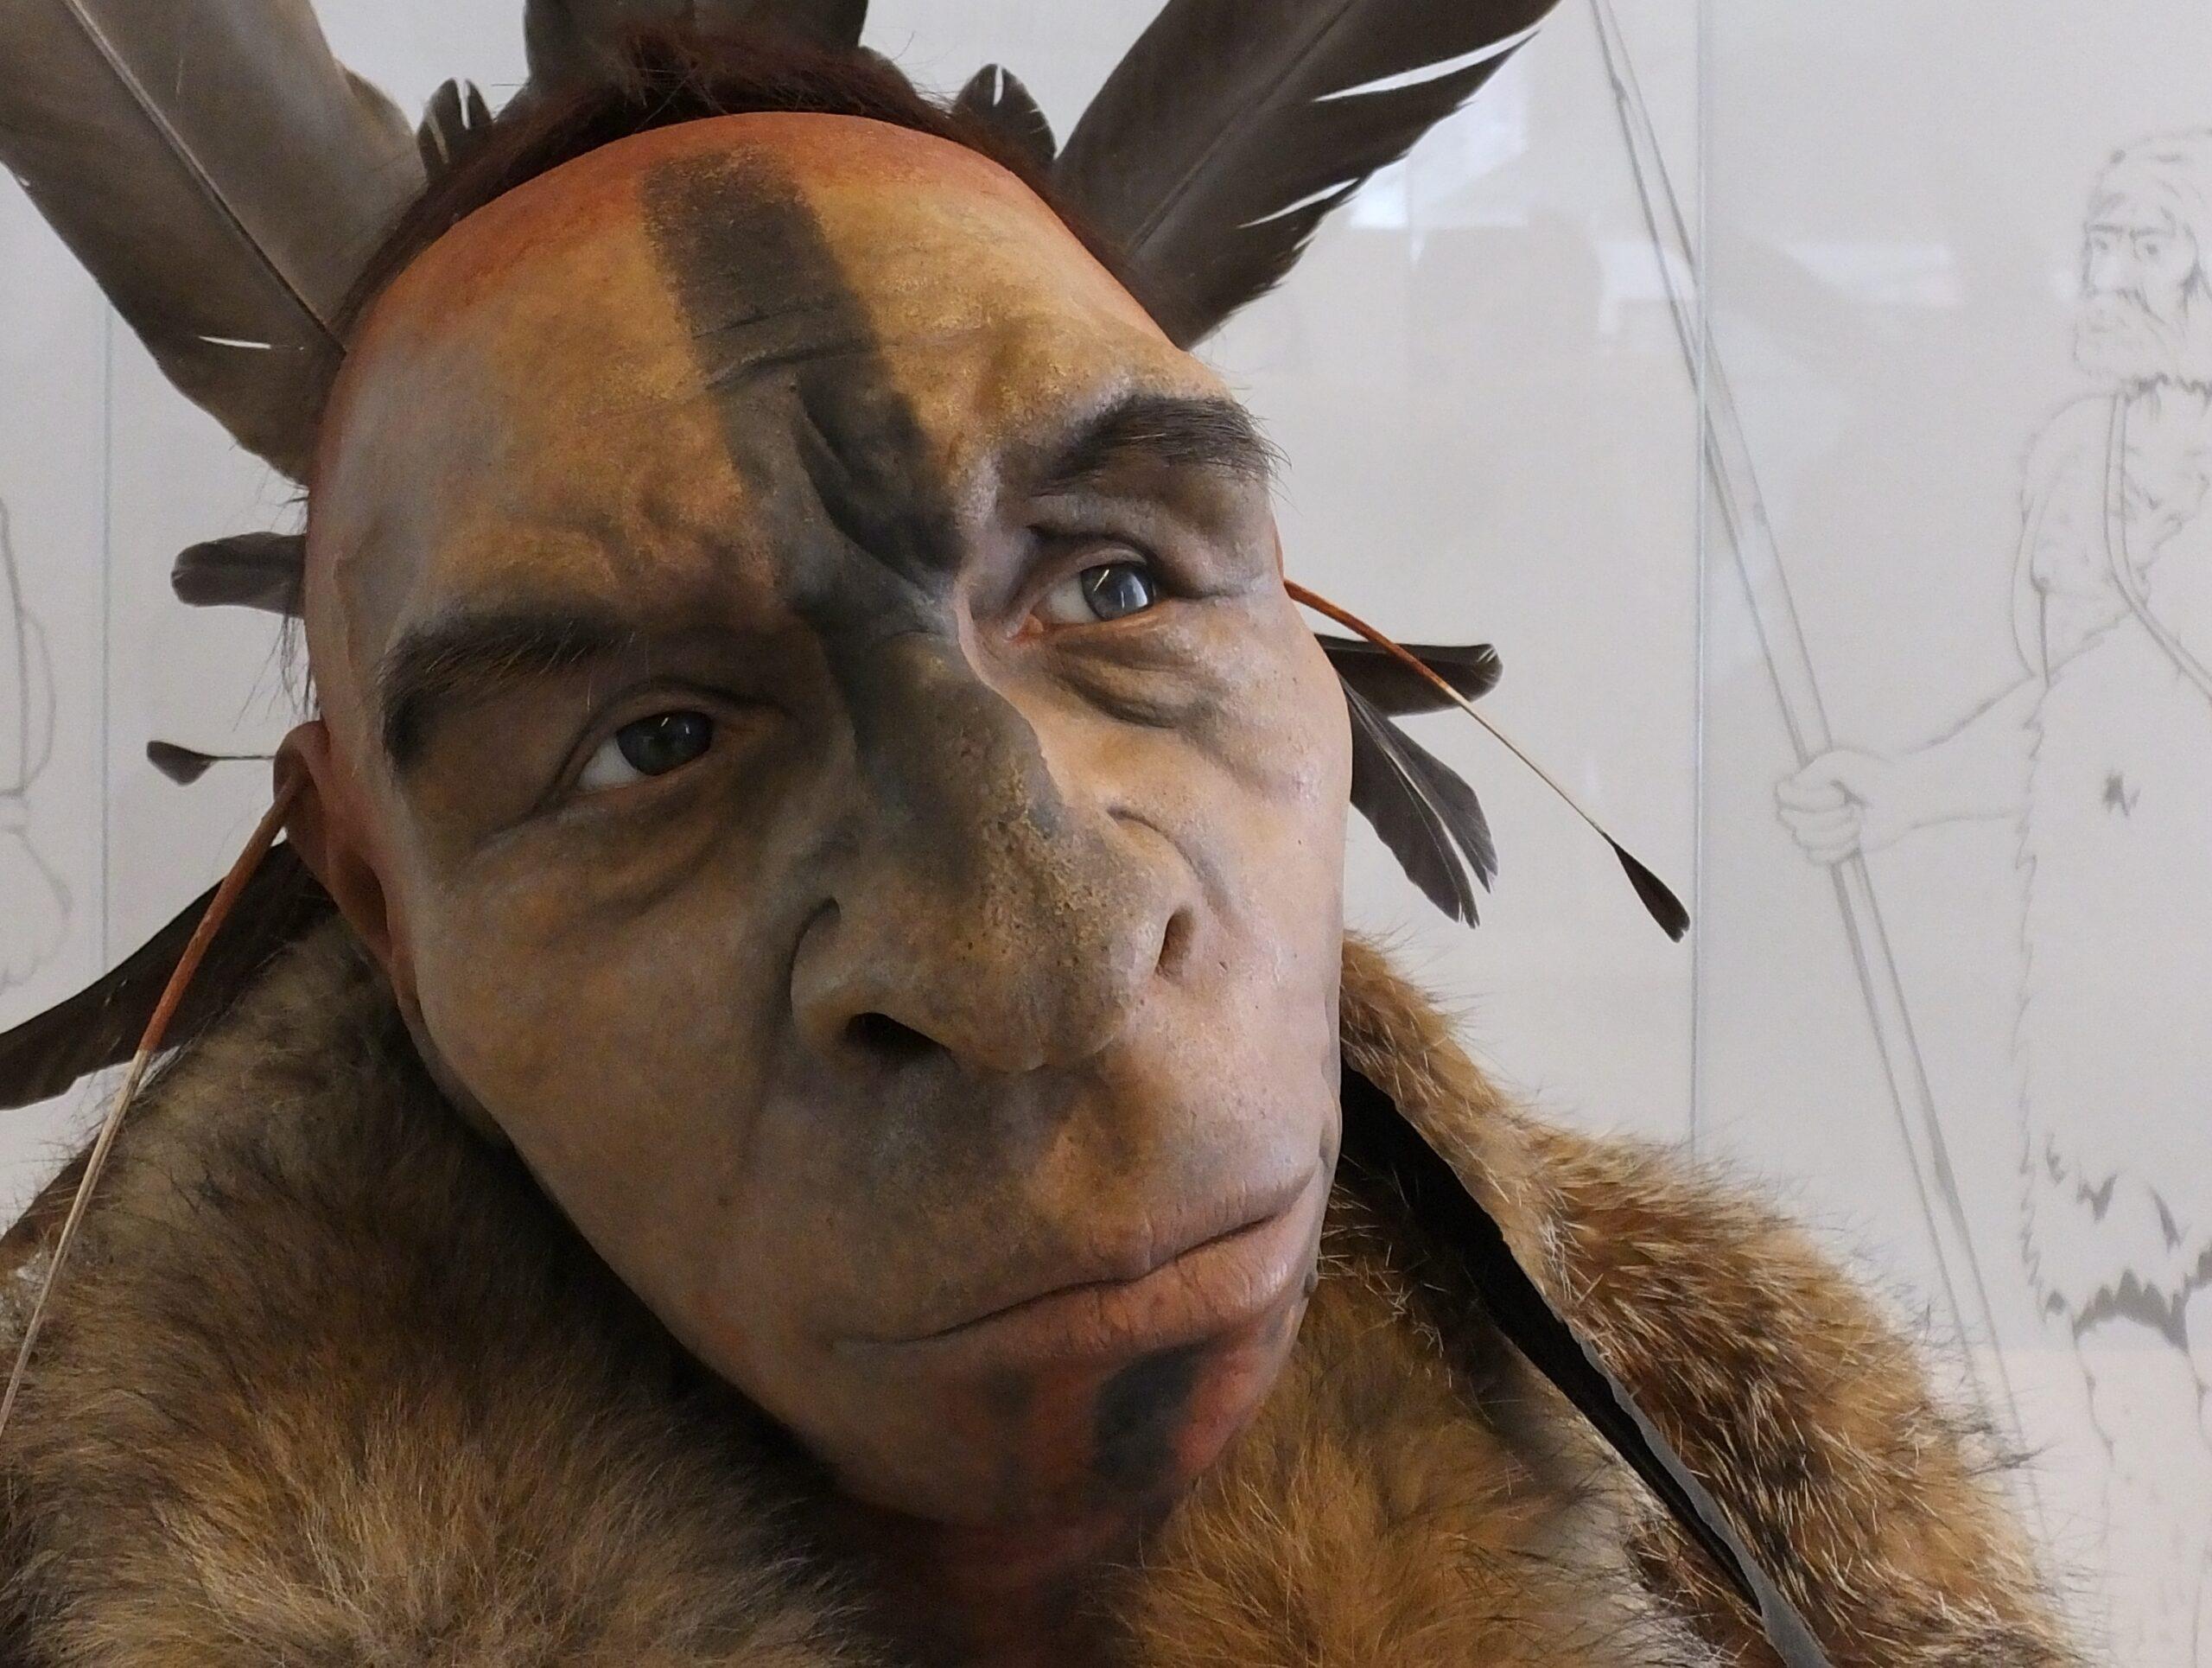 Lo qué pasó cuando tu abuela Sapiens conoció a tu abuelo Neandertal